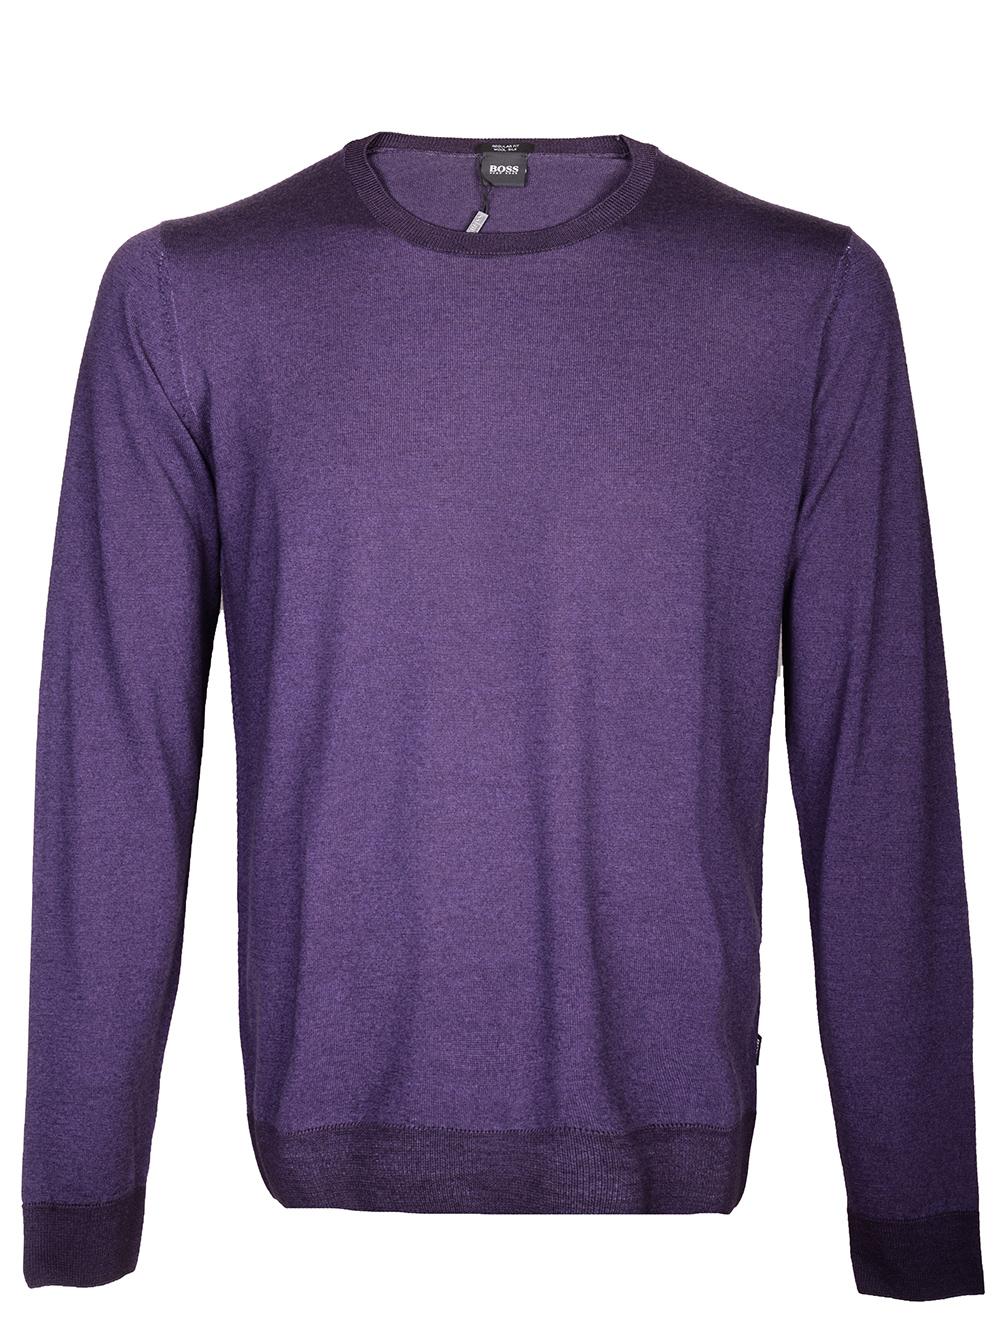 BOSS Μπλούζα πουλόβερ 50415738-511 ΜΩΒ